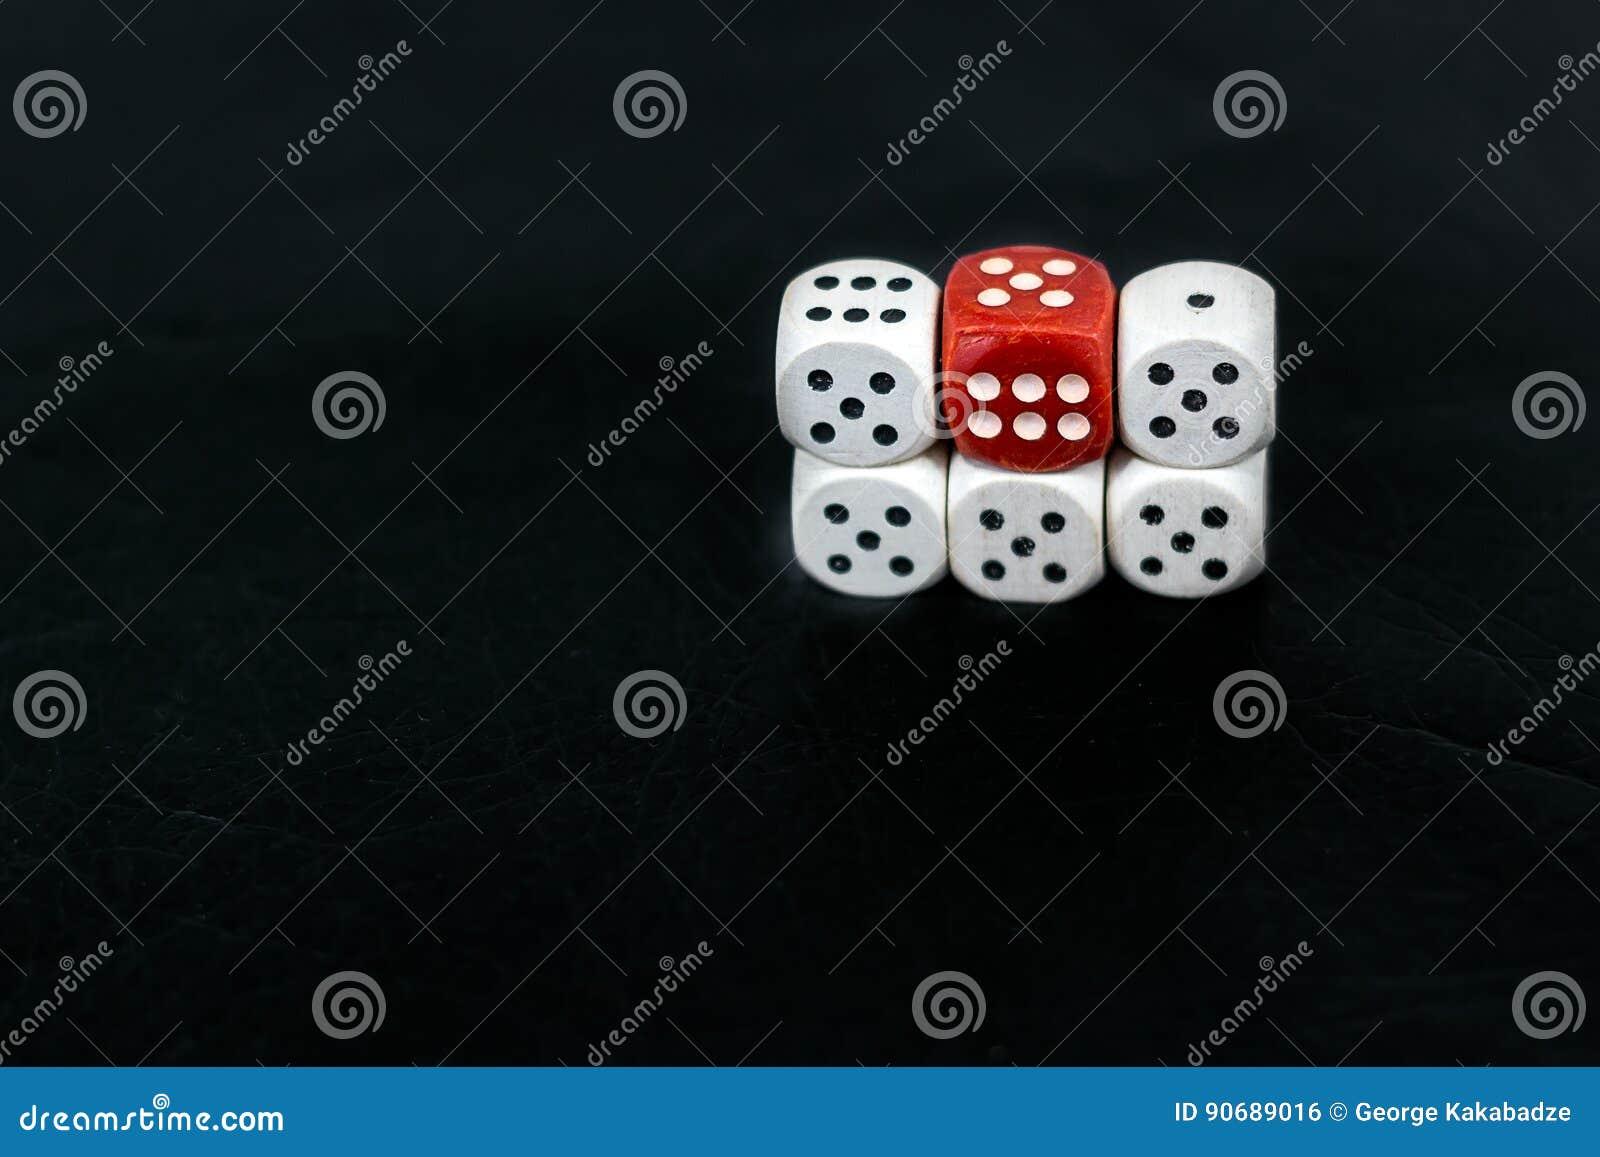 把五fives和红色六切成小方块在黑背景